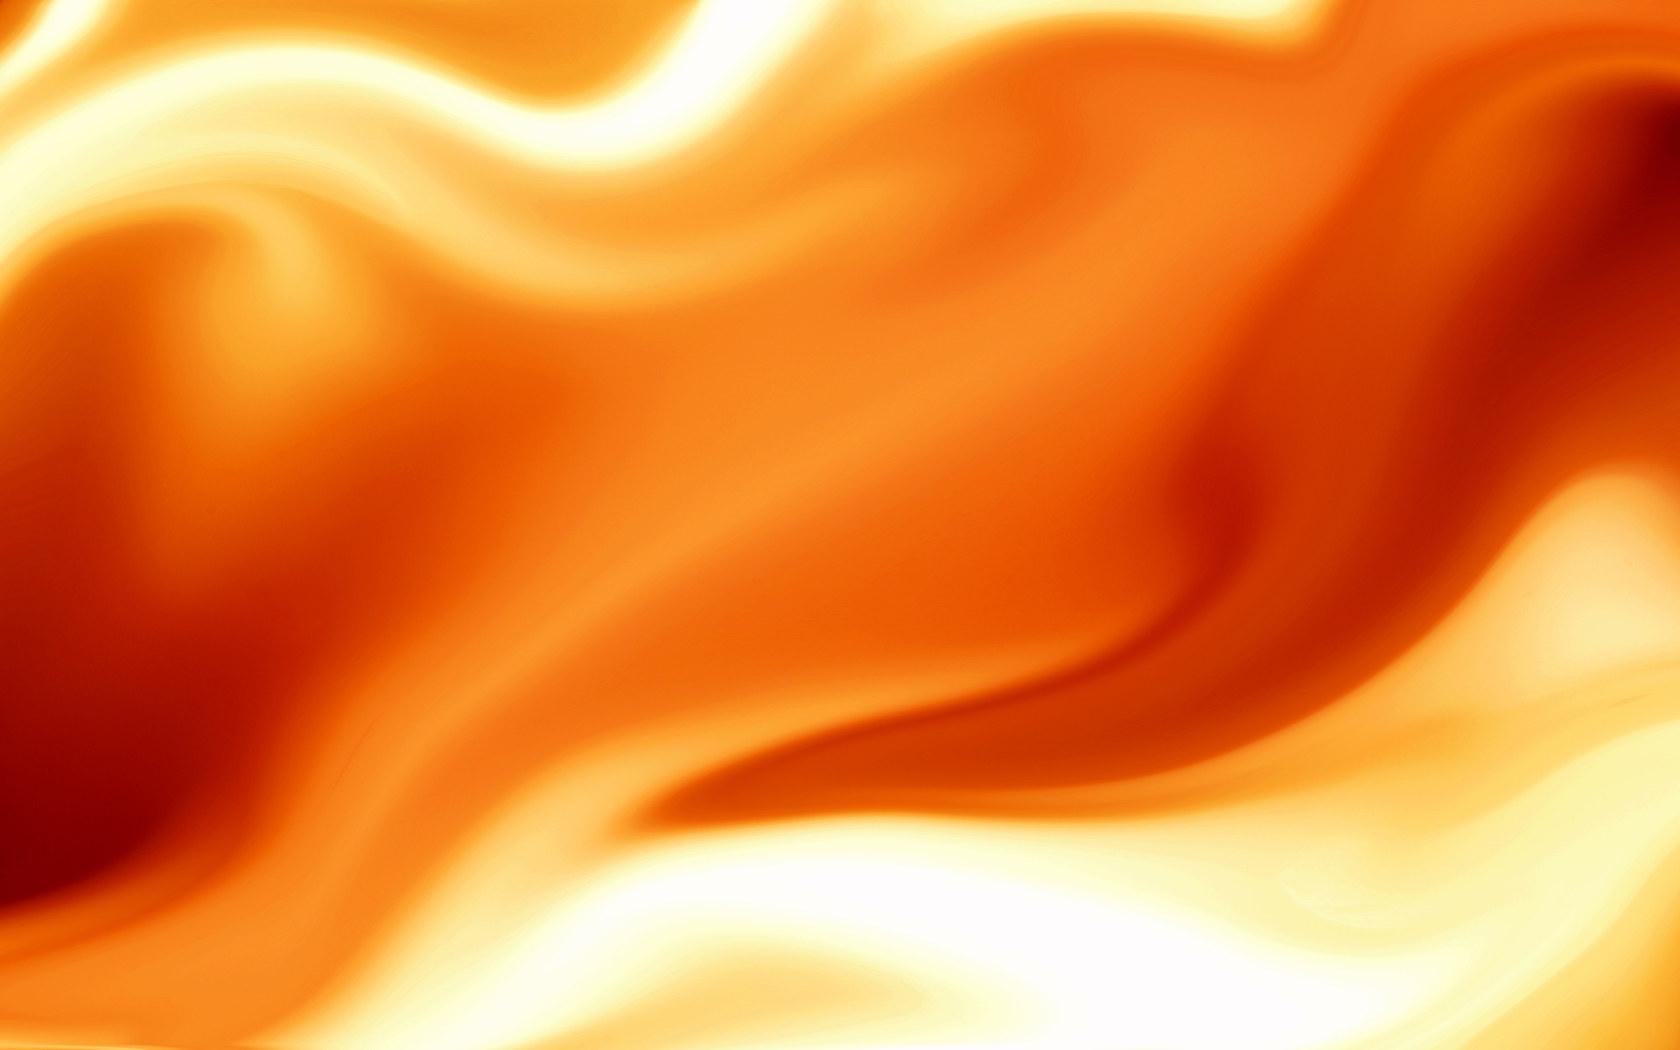 Abstract Orange 1680x1050